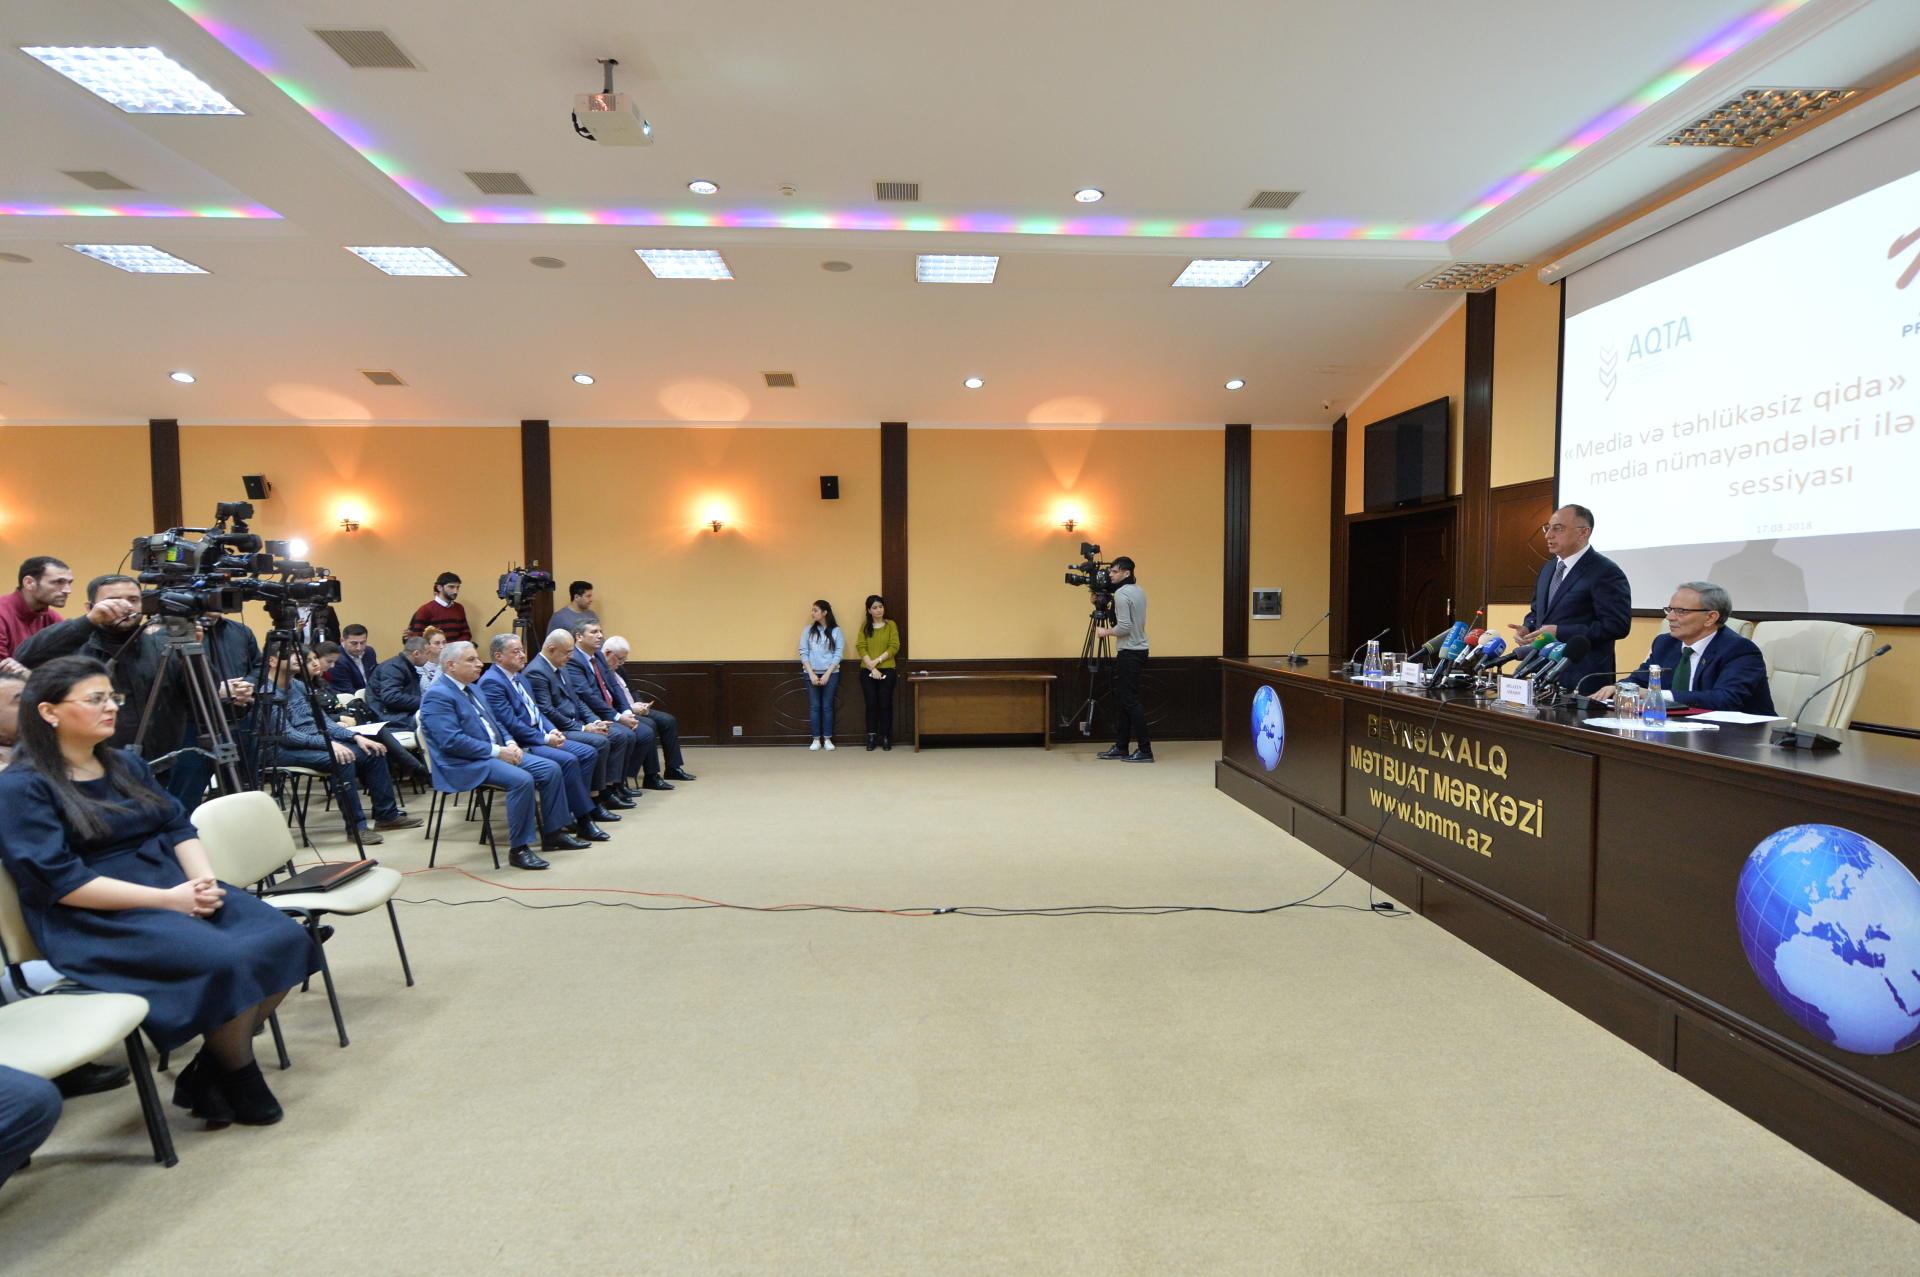 """""""Media və təhlükəsiz qida"""" mövzusunda brifinq keçirilib (FOTO) - Gallery Image"""